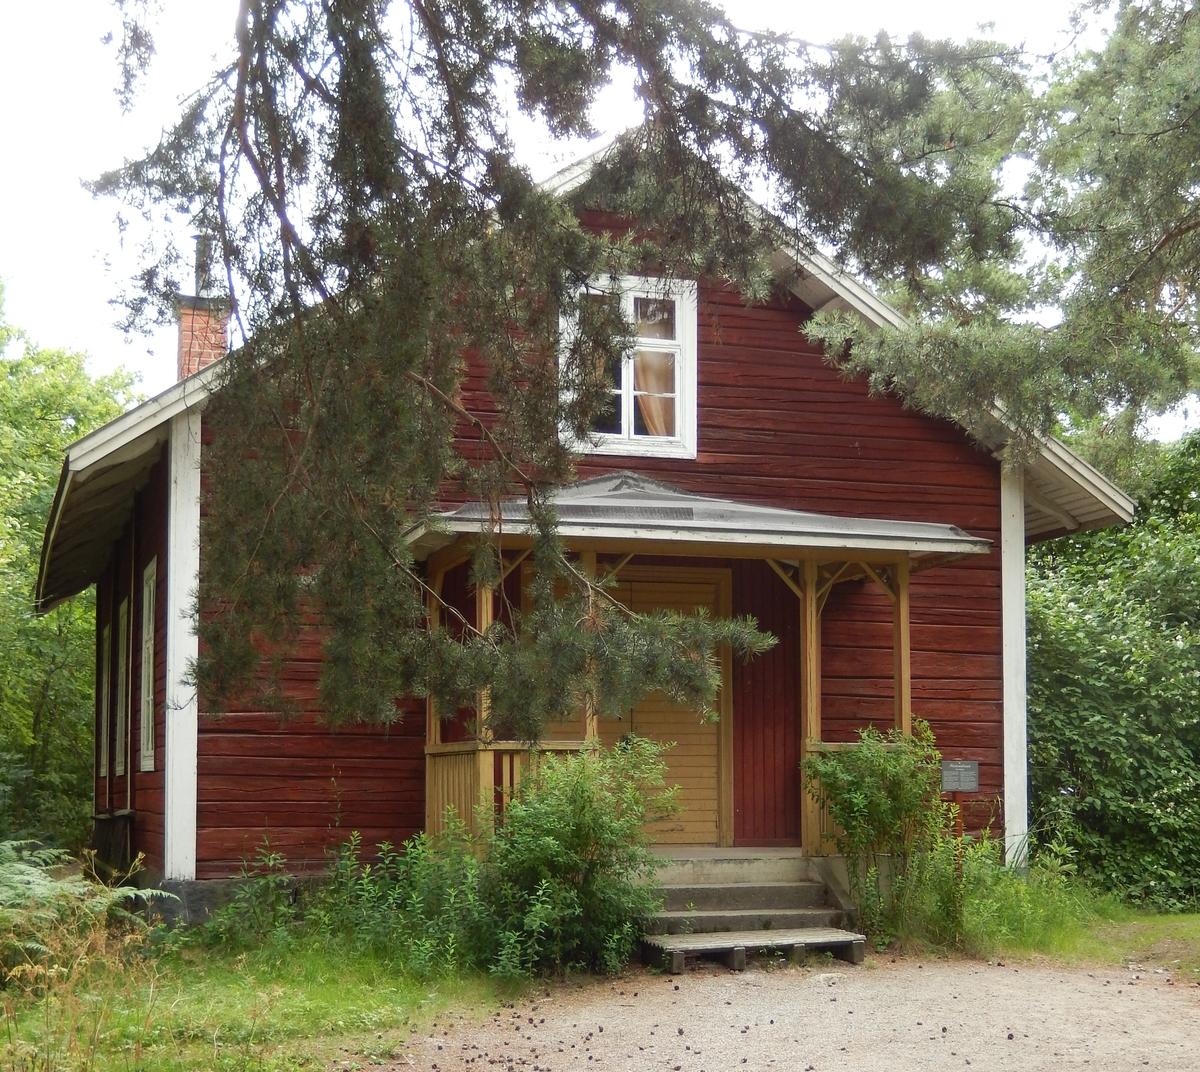 Missionshuset på Skansen är en timrad byggnad i en våning med sadeltak, klätt med spån. Fasaden är målad med röd slamfärg, snickerierna med vit linoljefärg. Ingången är placerad på gaveln och försedd med en veranda målad med gul linoljefärg.  Missionshuset uppfördes 1898 i en skogsglänta mellan gårdarna Svenshult och Rättvisan, Godegårds socken i Östergötland. Byggnaden återuppfördes på Skansen 1978.